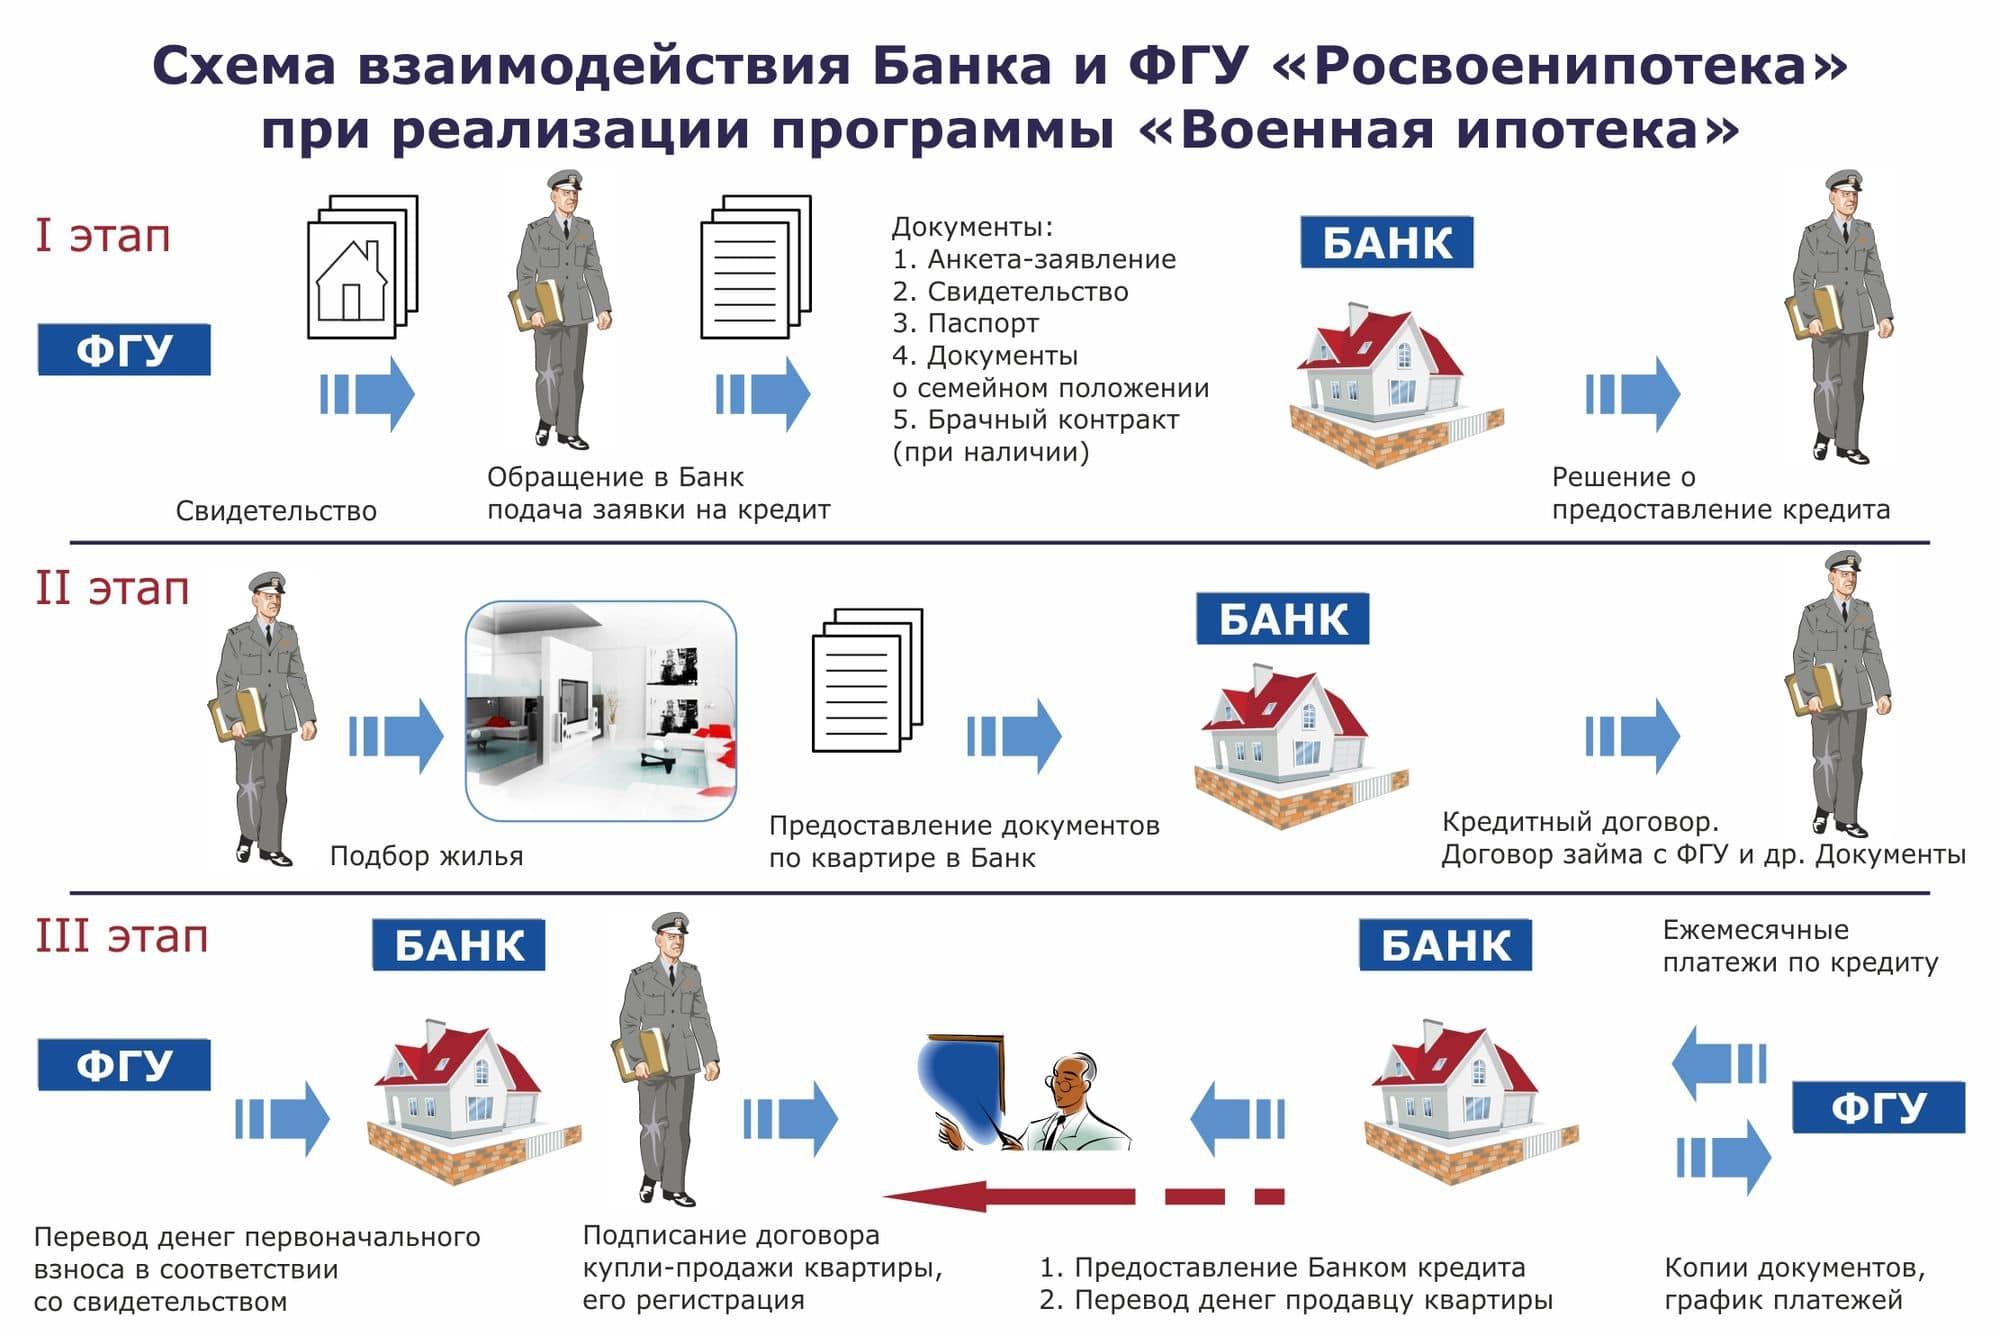 Военная ипотека банка Зенит: условия, отзывы